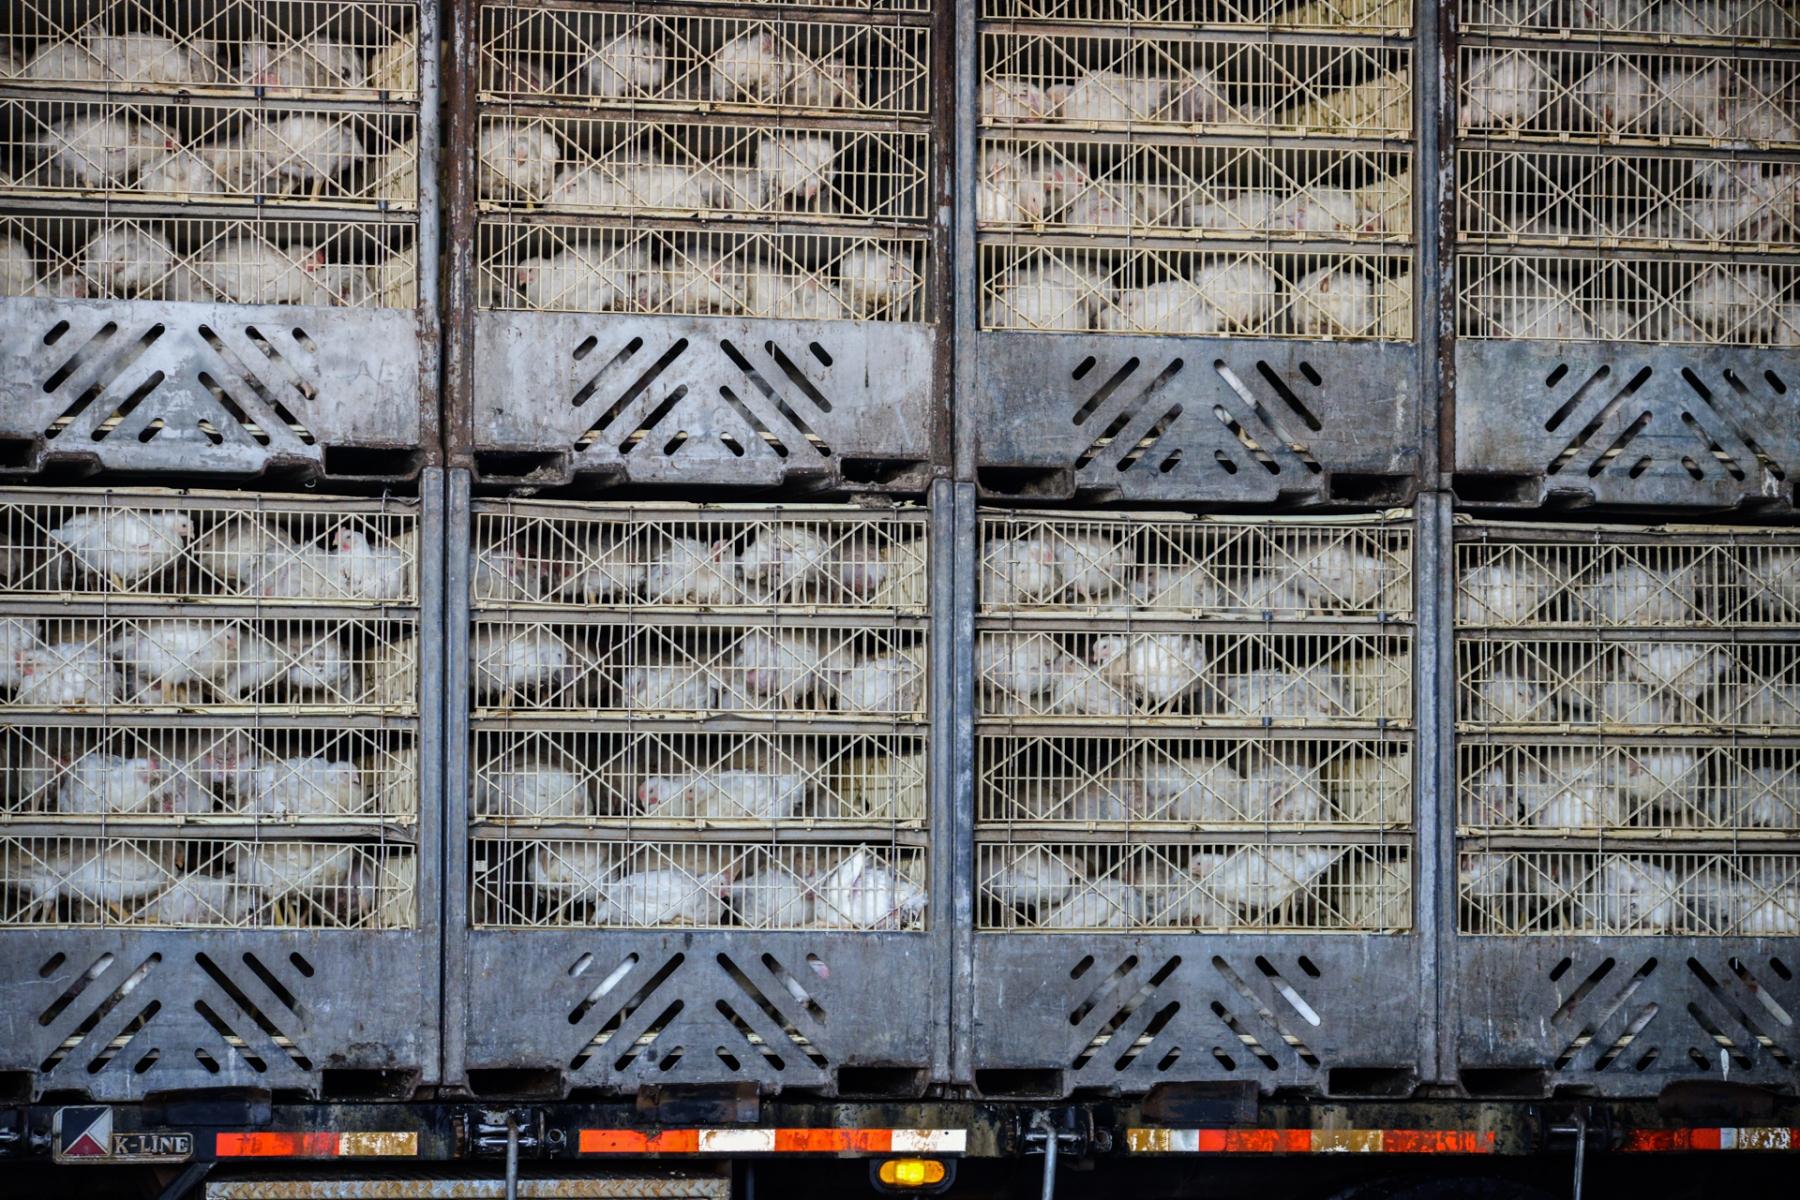 L'élevage intensif est l'un des principaux facteurs de risque pandémique. Que faire ?